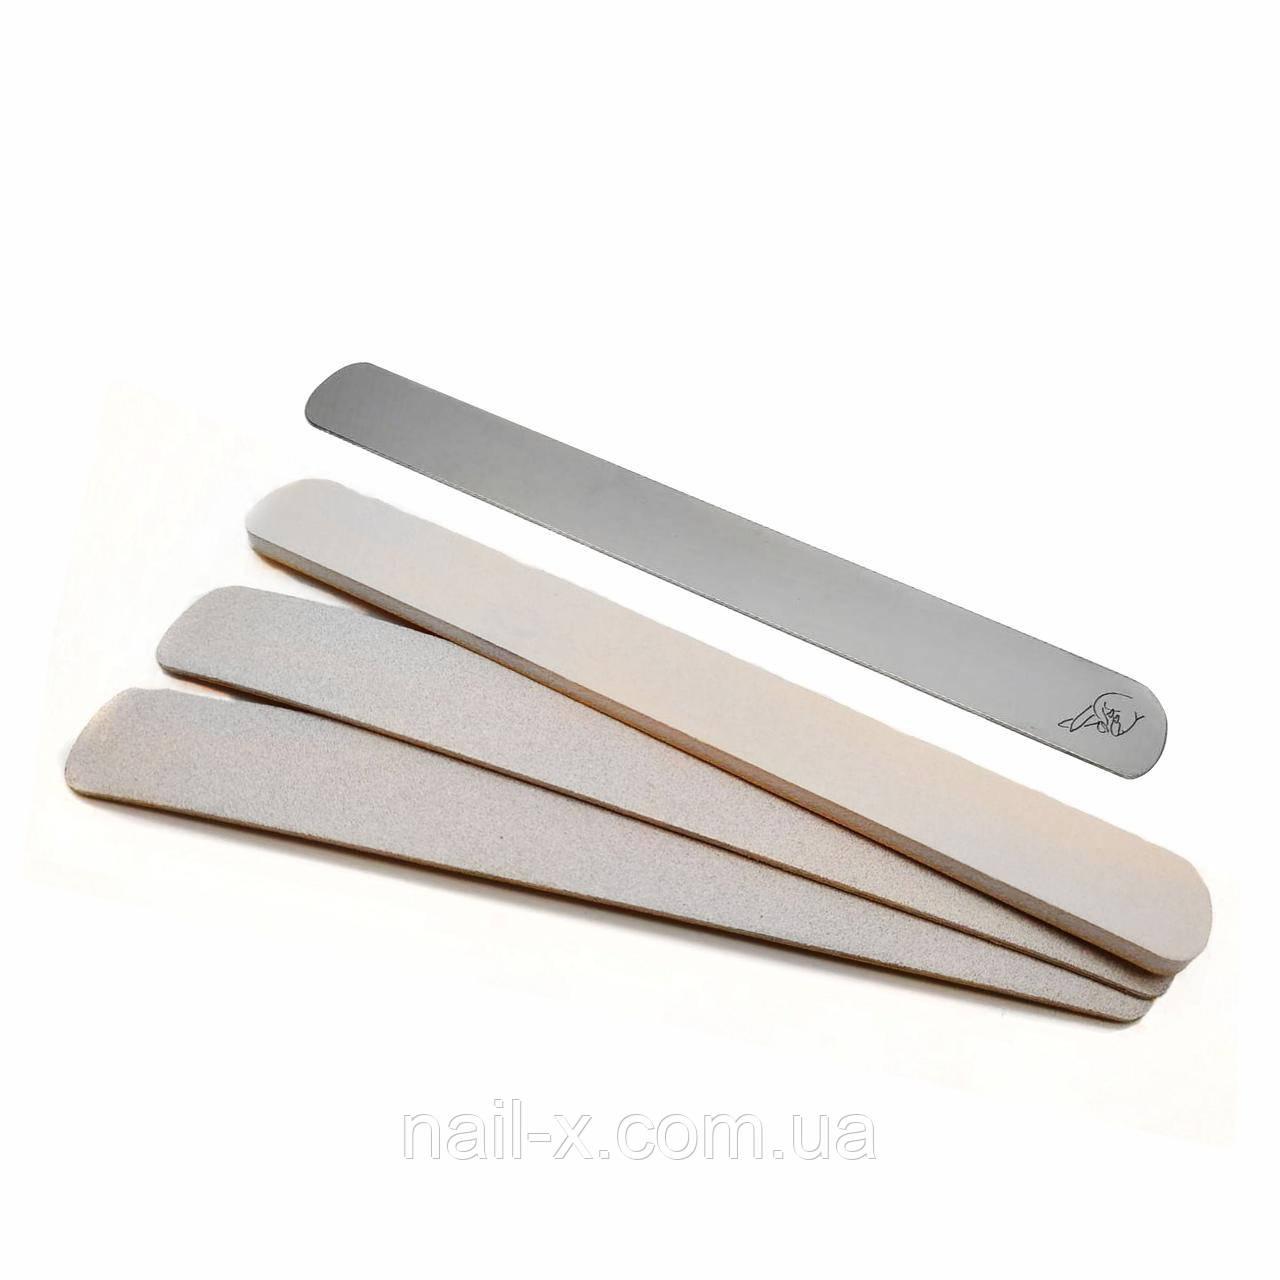 Сменные файлы 240 грит на мягкой прослойке для пилочки прямой Single  (50 шт)